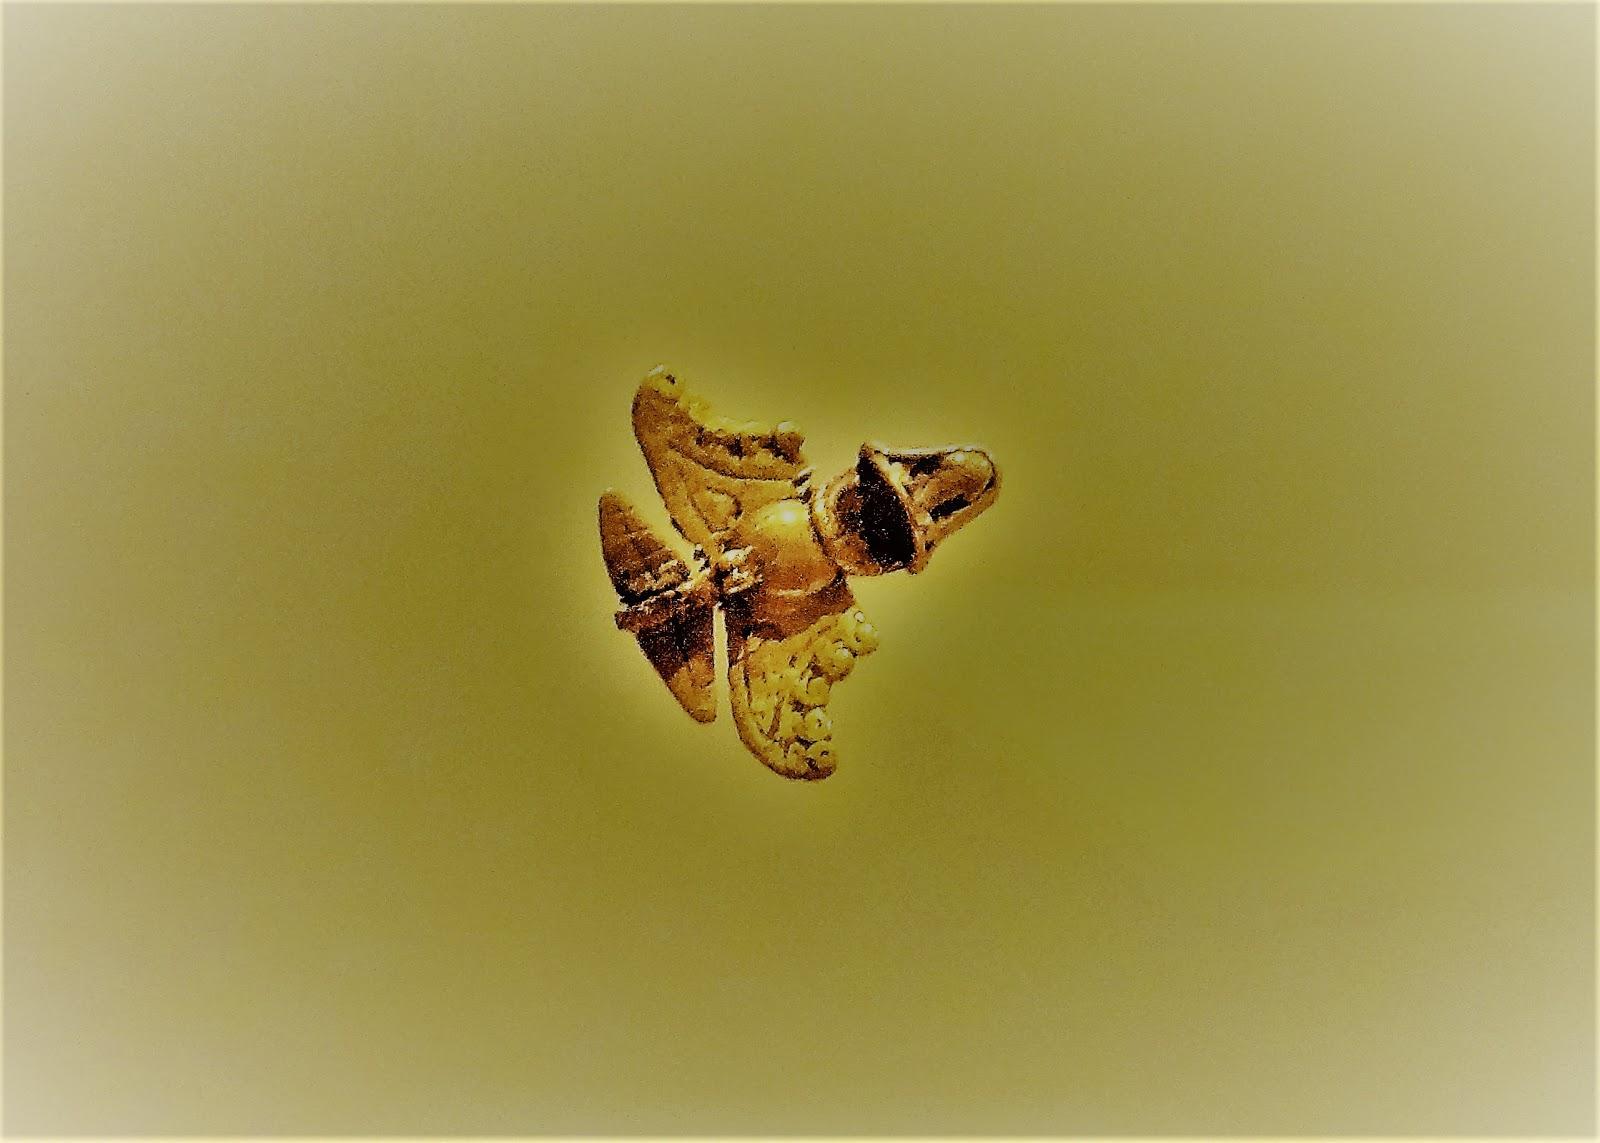 コロンビアのオーパーツ『黄金ジェット』とは一体何?